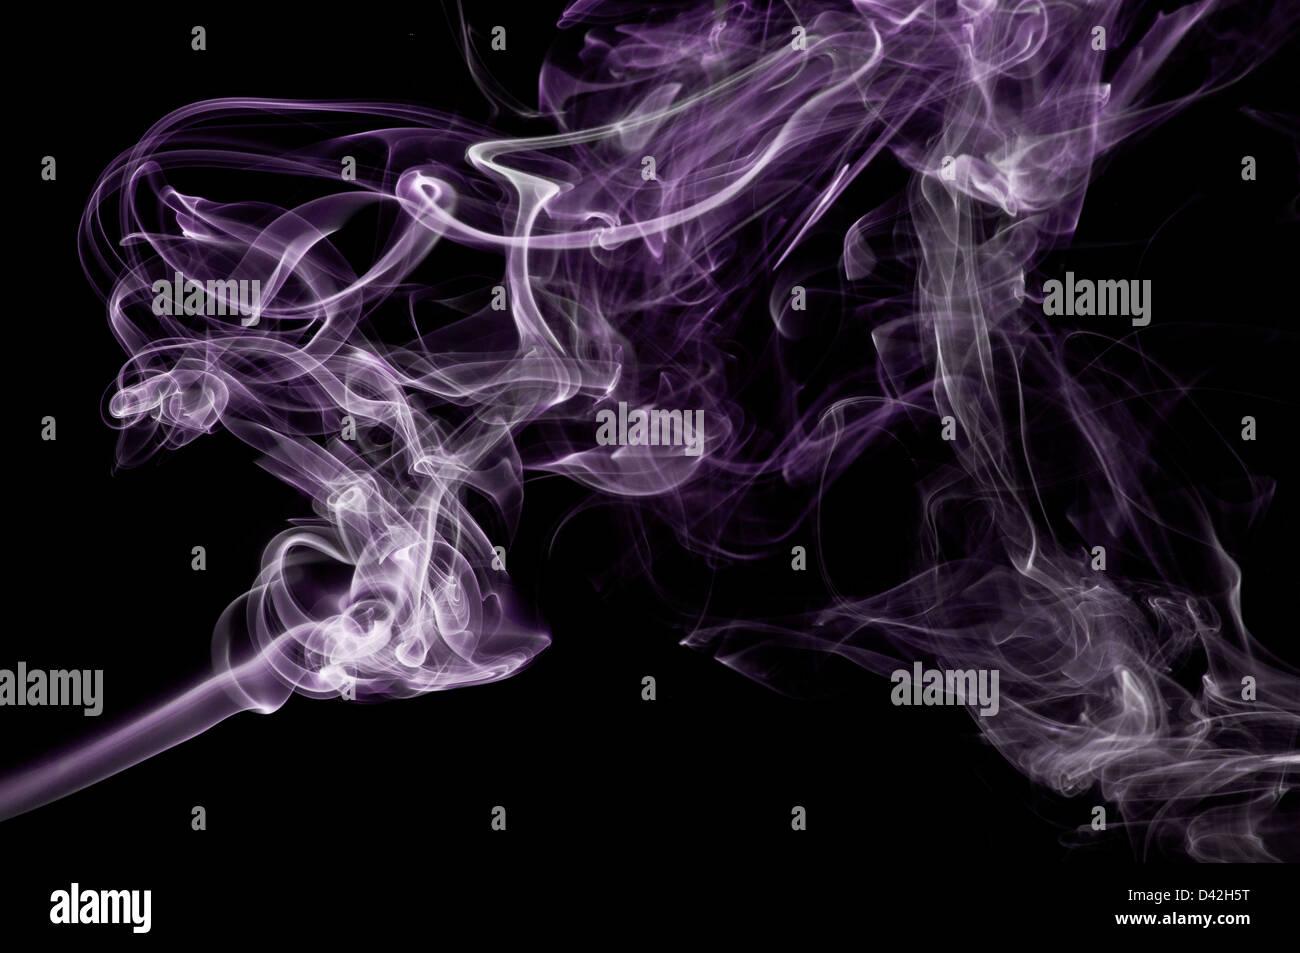 Une image abstraite de fumée mauve sur un fond noir. Banque D'Images